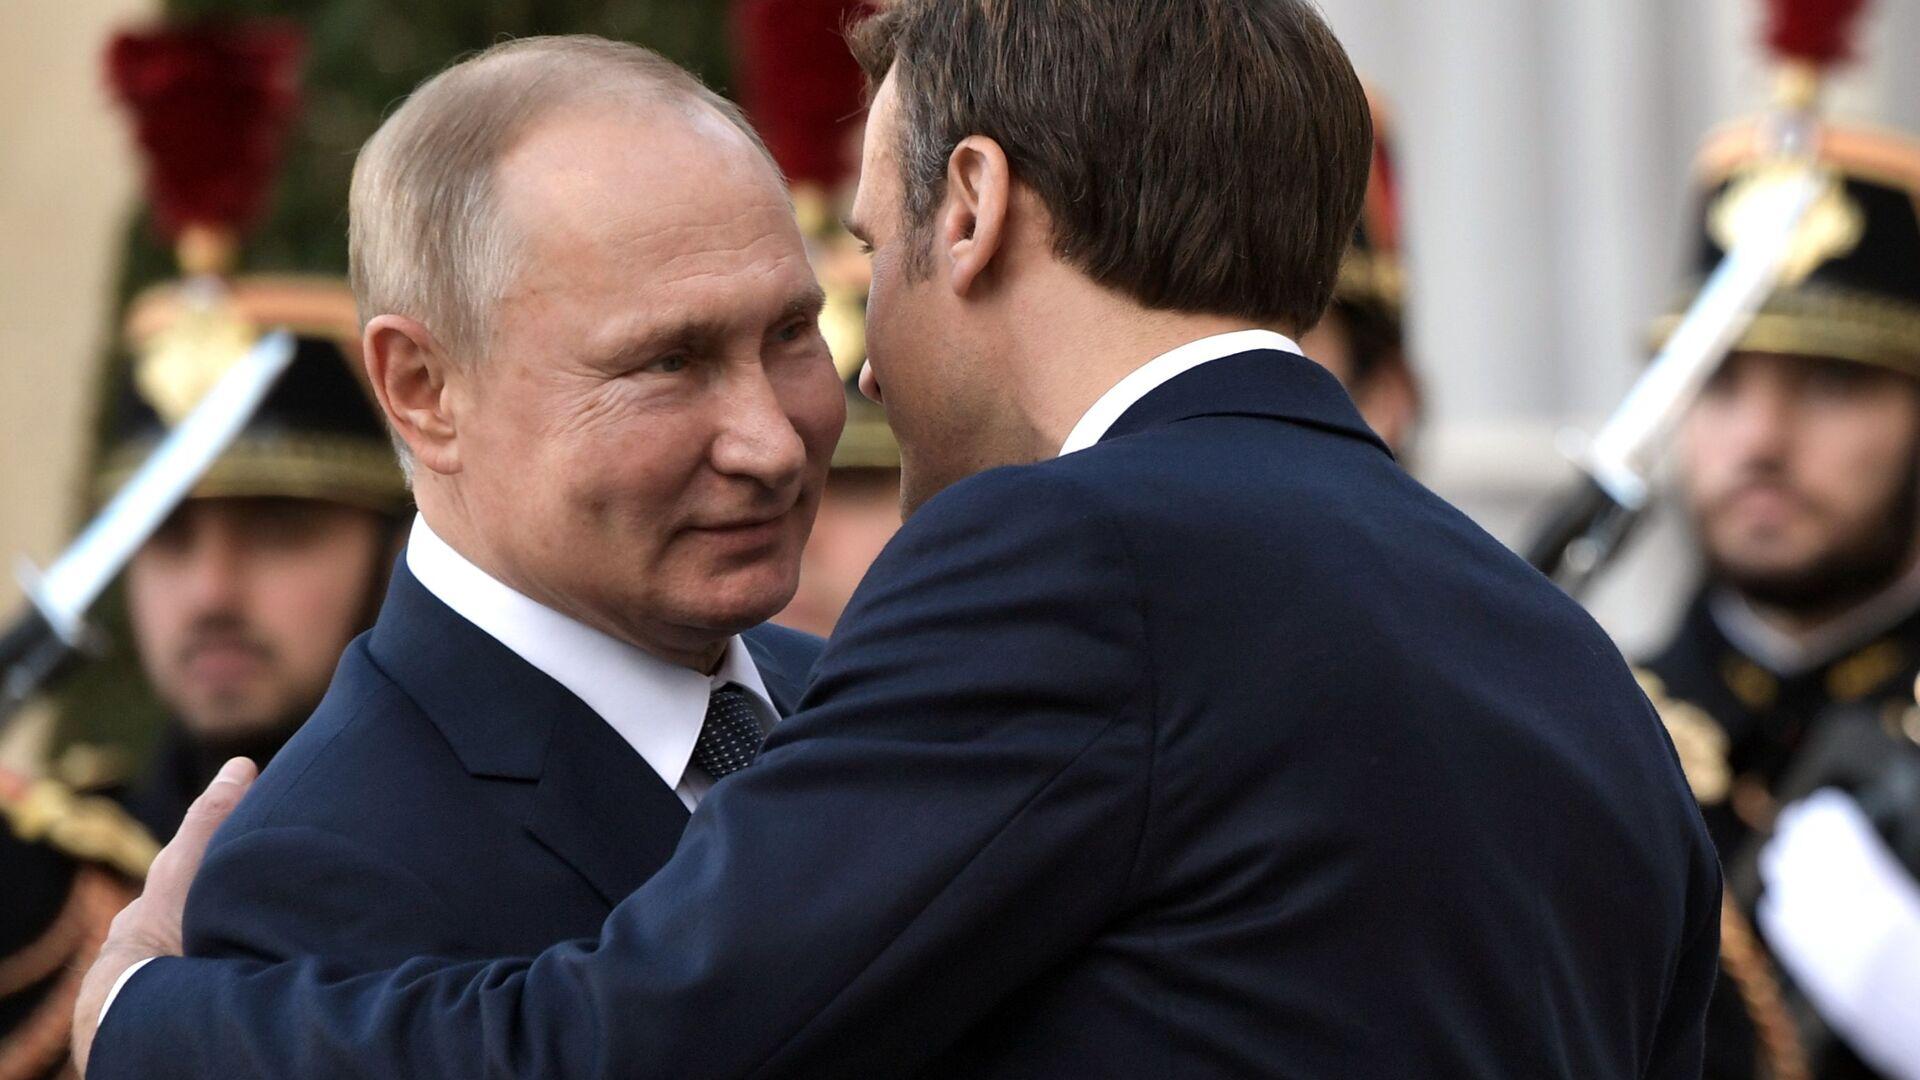 Putin i Macron prowadzą dwustronne rozmowy w Paryżu - Sputnik Polska, 1920, 02.07.2021